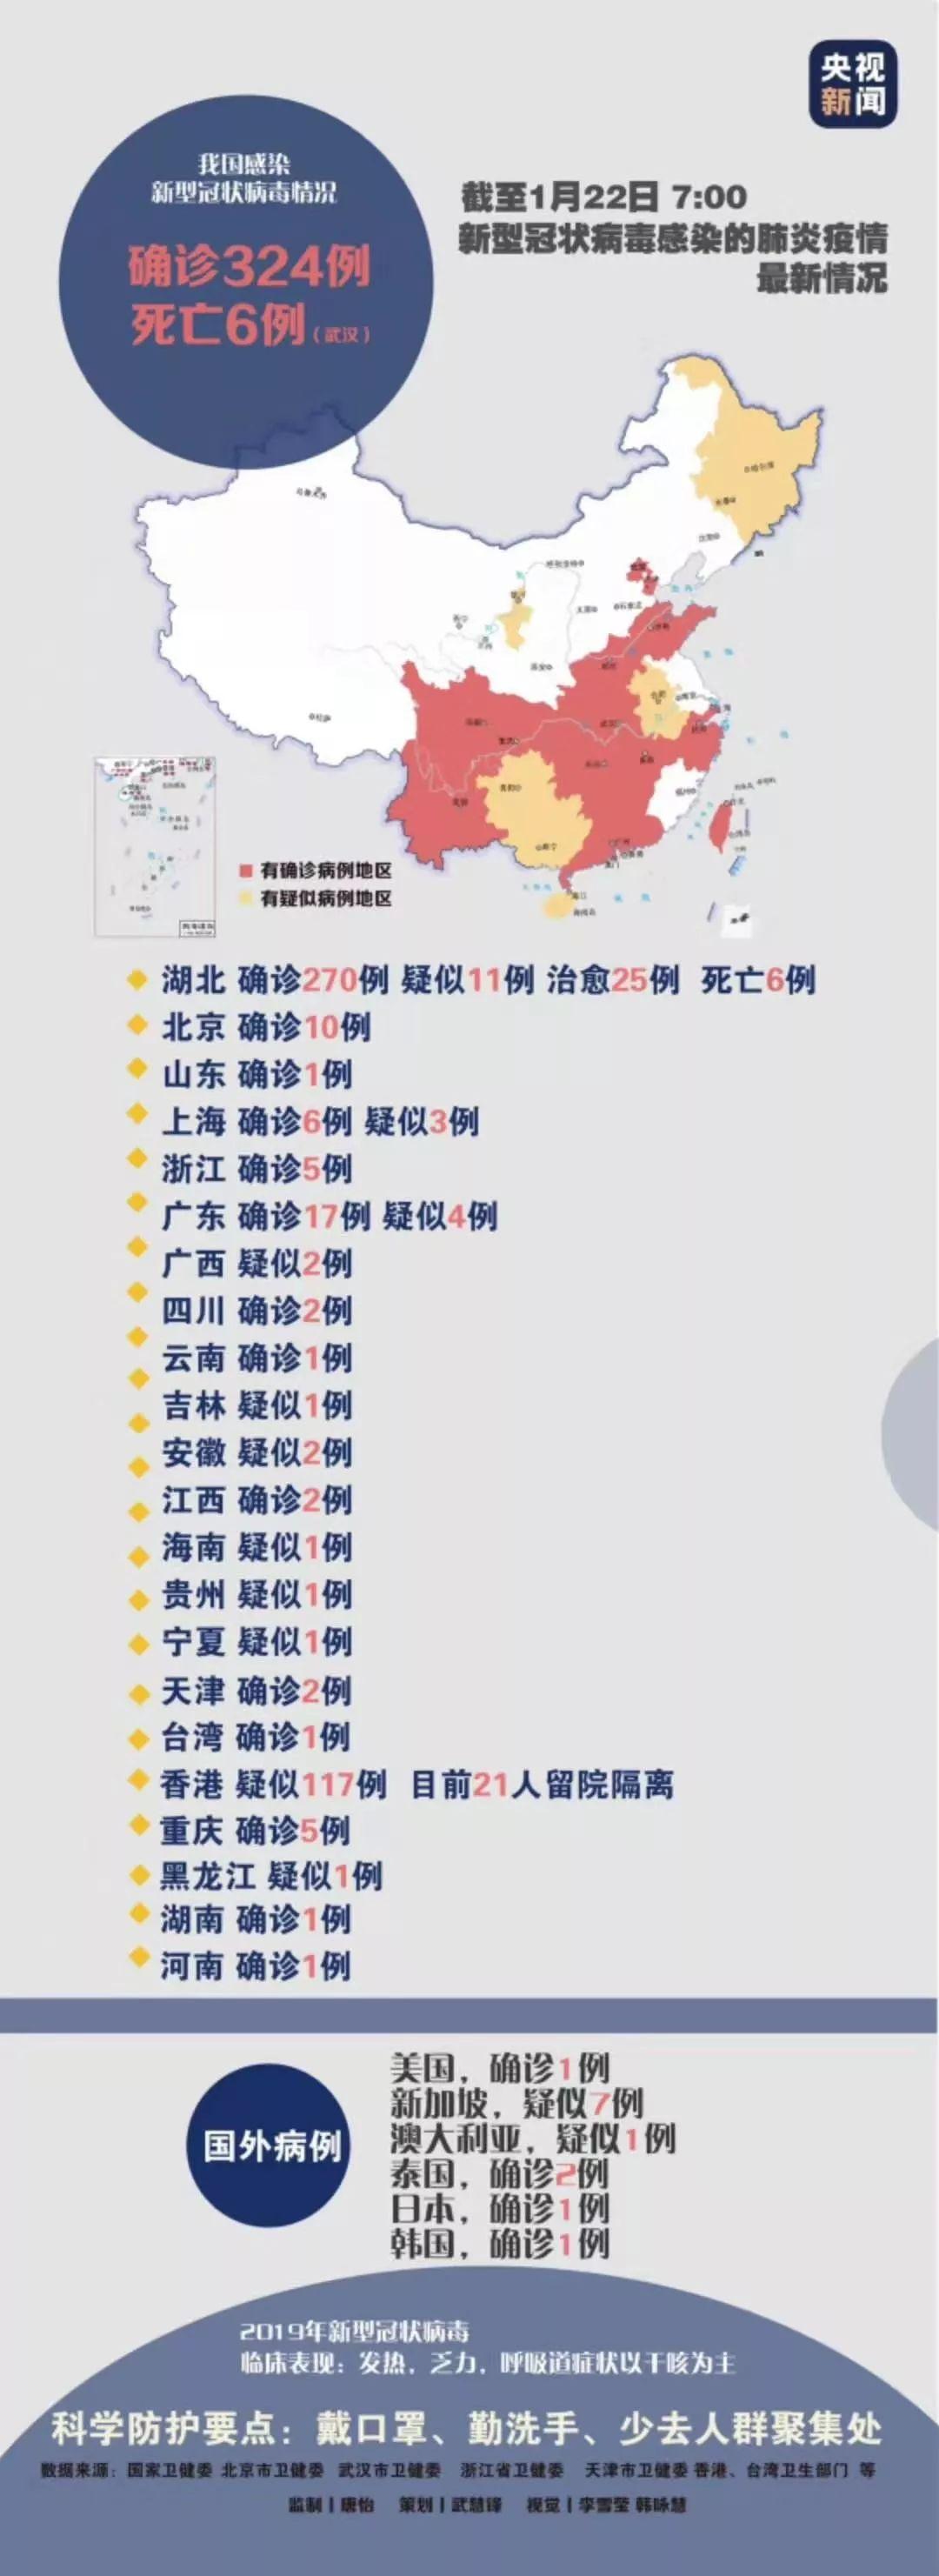 http://www.blogdeonda.com/chalingfangchan/208844.html